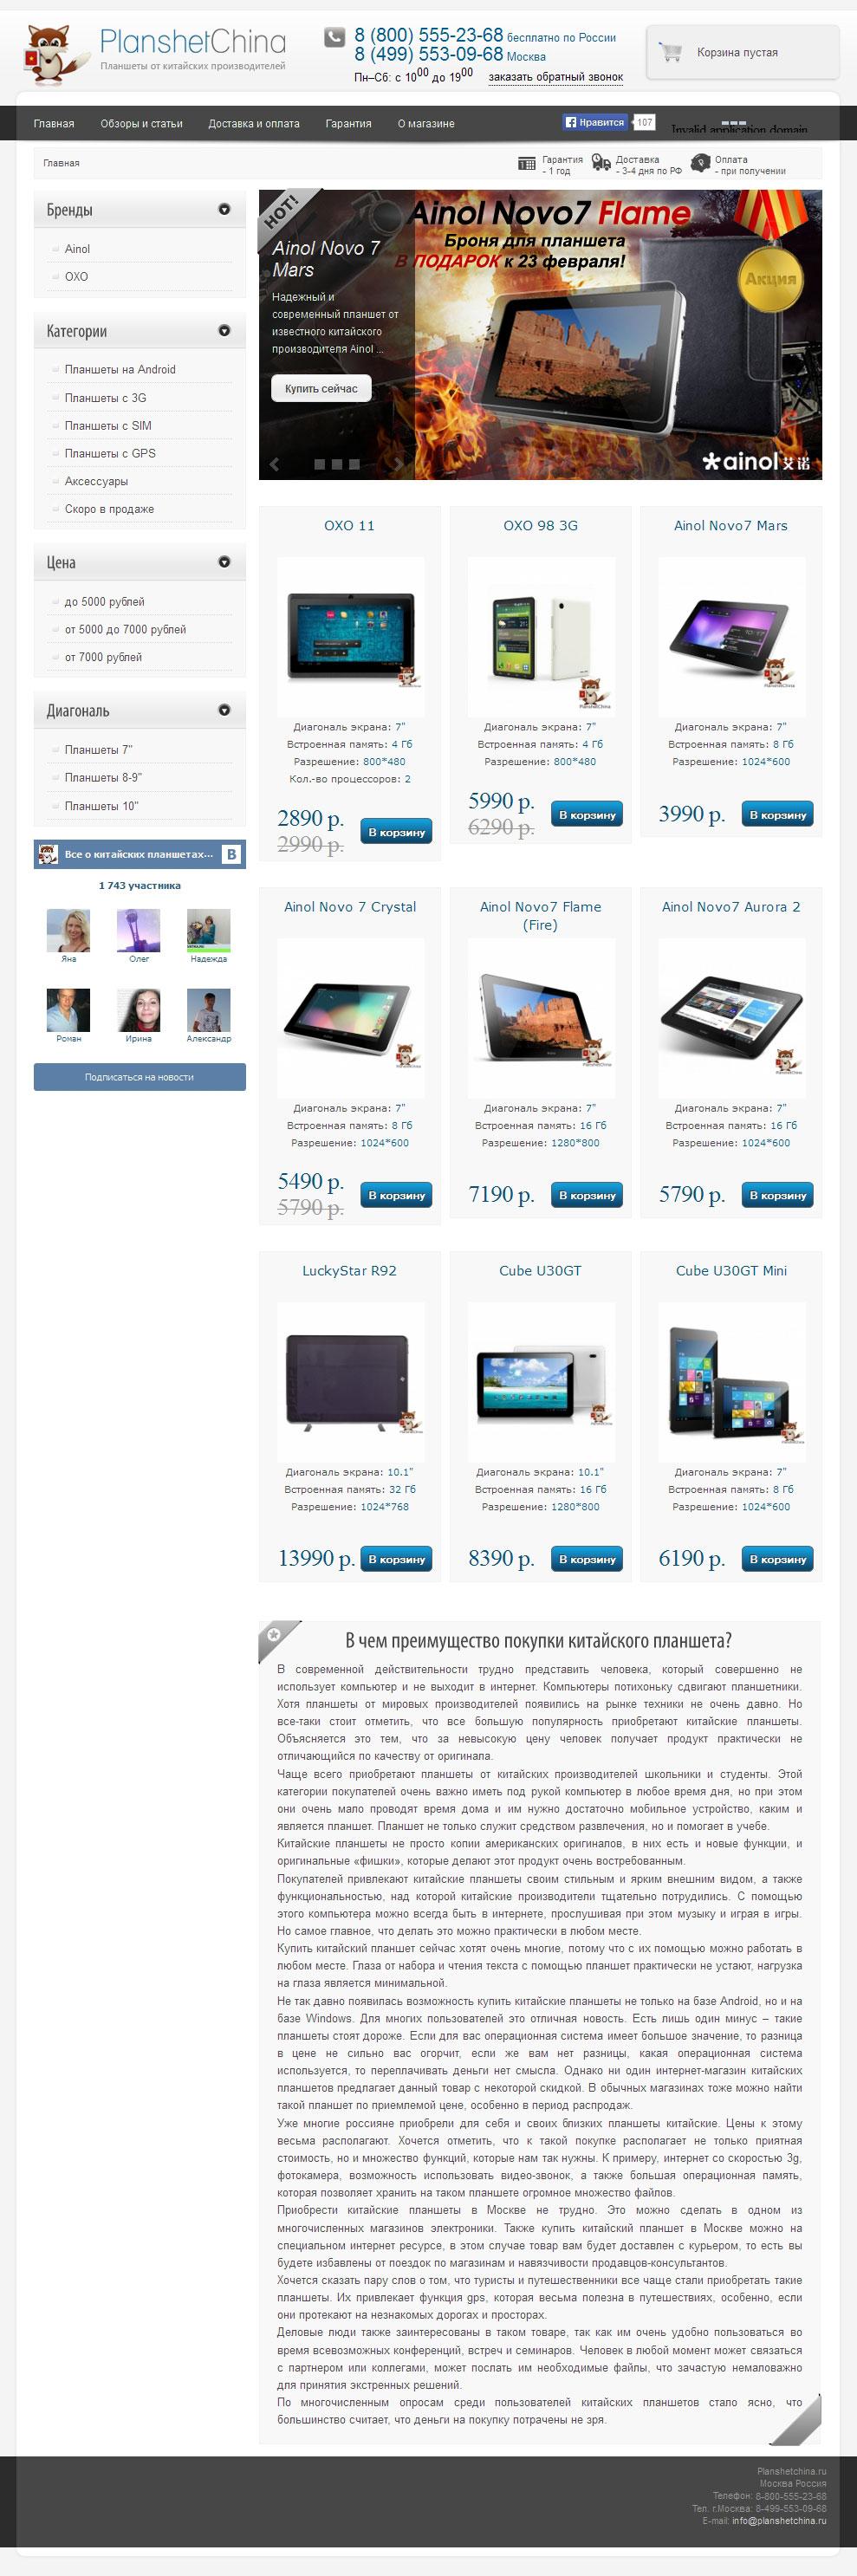 Joomla! -- Магазин планшетных компьютеров [x]